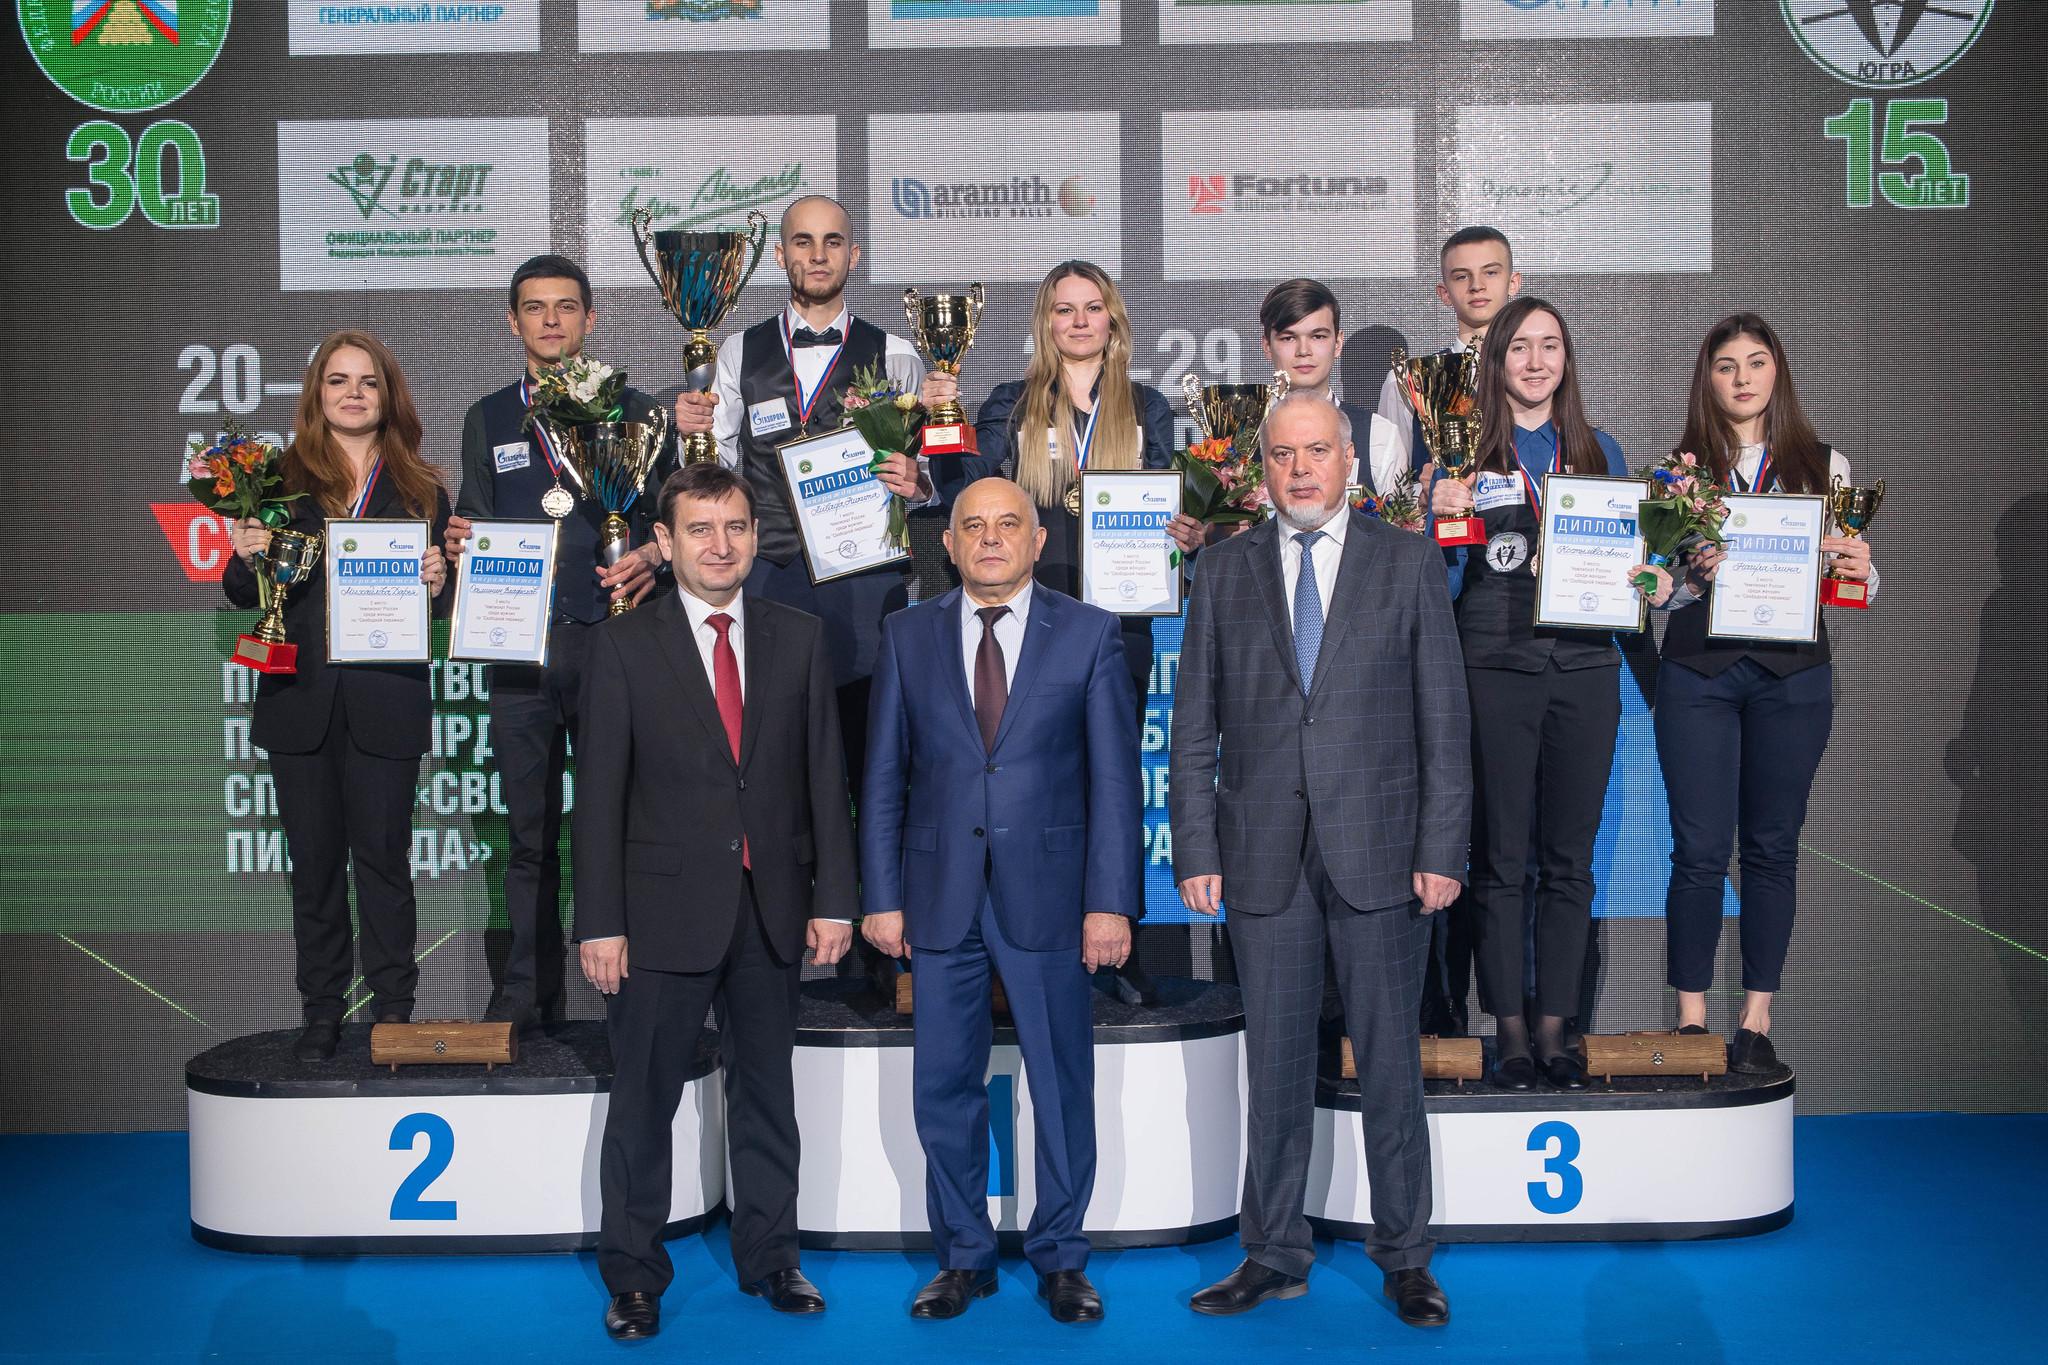 Чемпионат России по бильярду